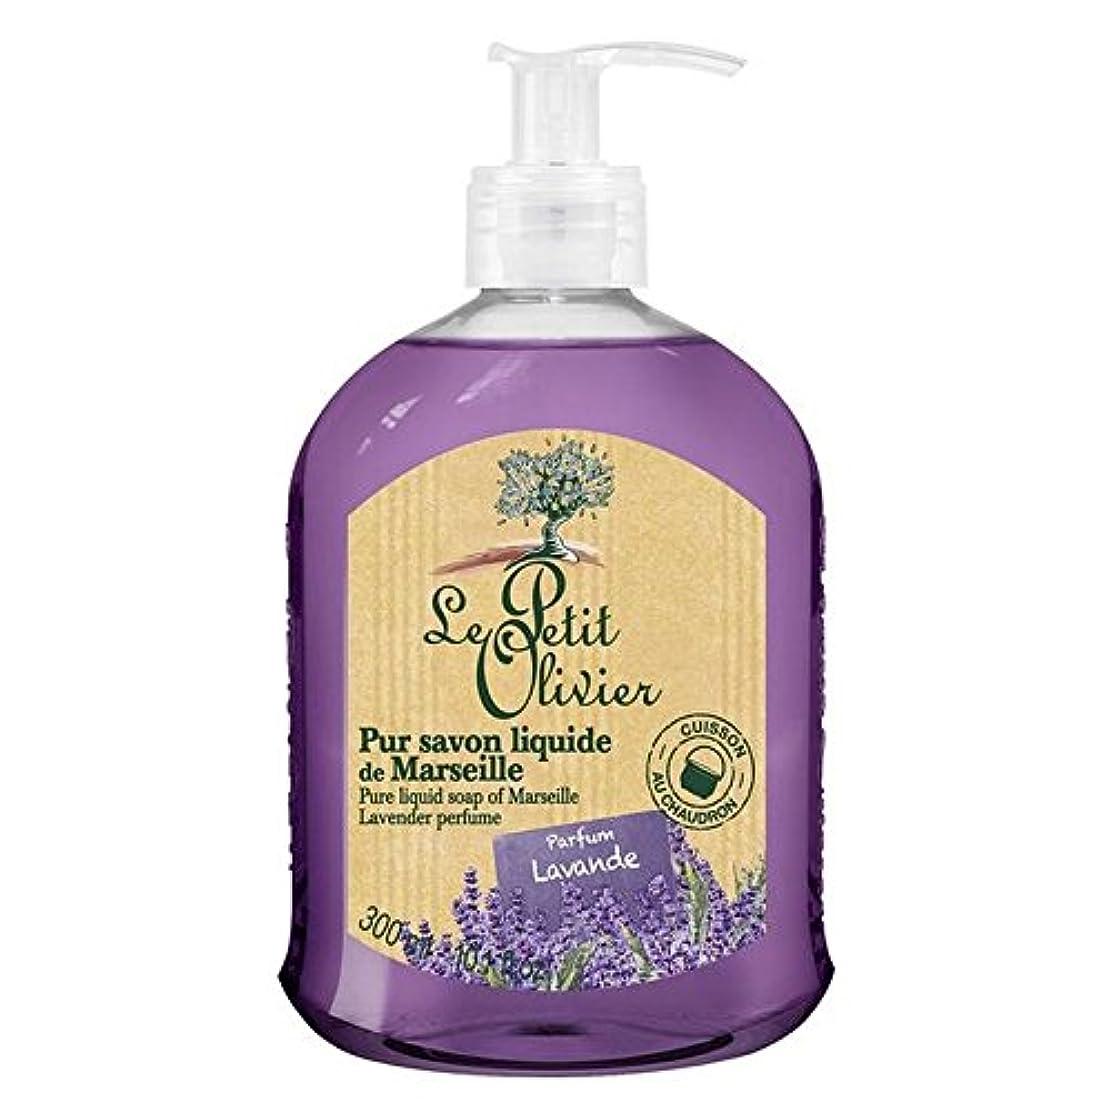 評決キャッシュあごひげLe Petit Olivier Pure Liquid Soap of Marseille, Lavender 300ml - マルセイユのル?プティ?オリヴィエ純粋な液体石鹸、ラベンダー300ミリリットル [並行輸入品]